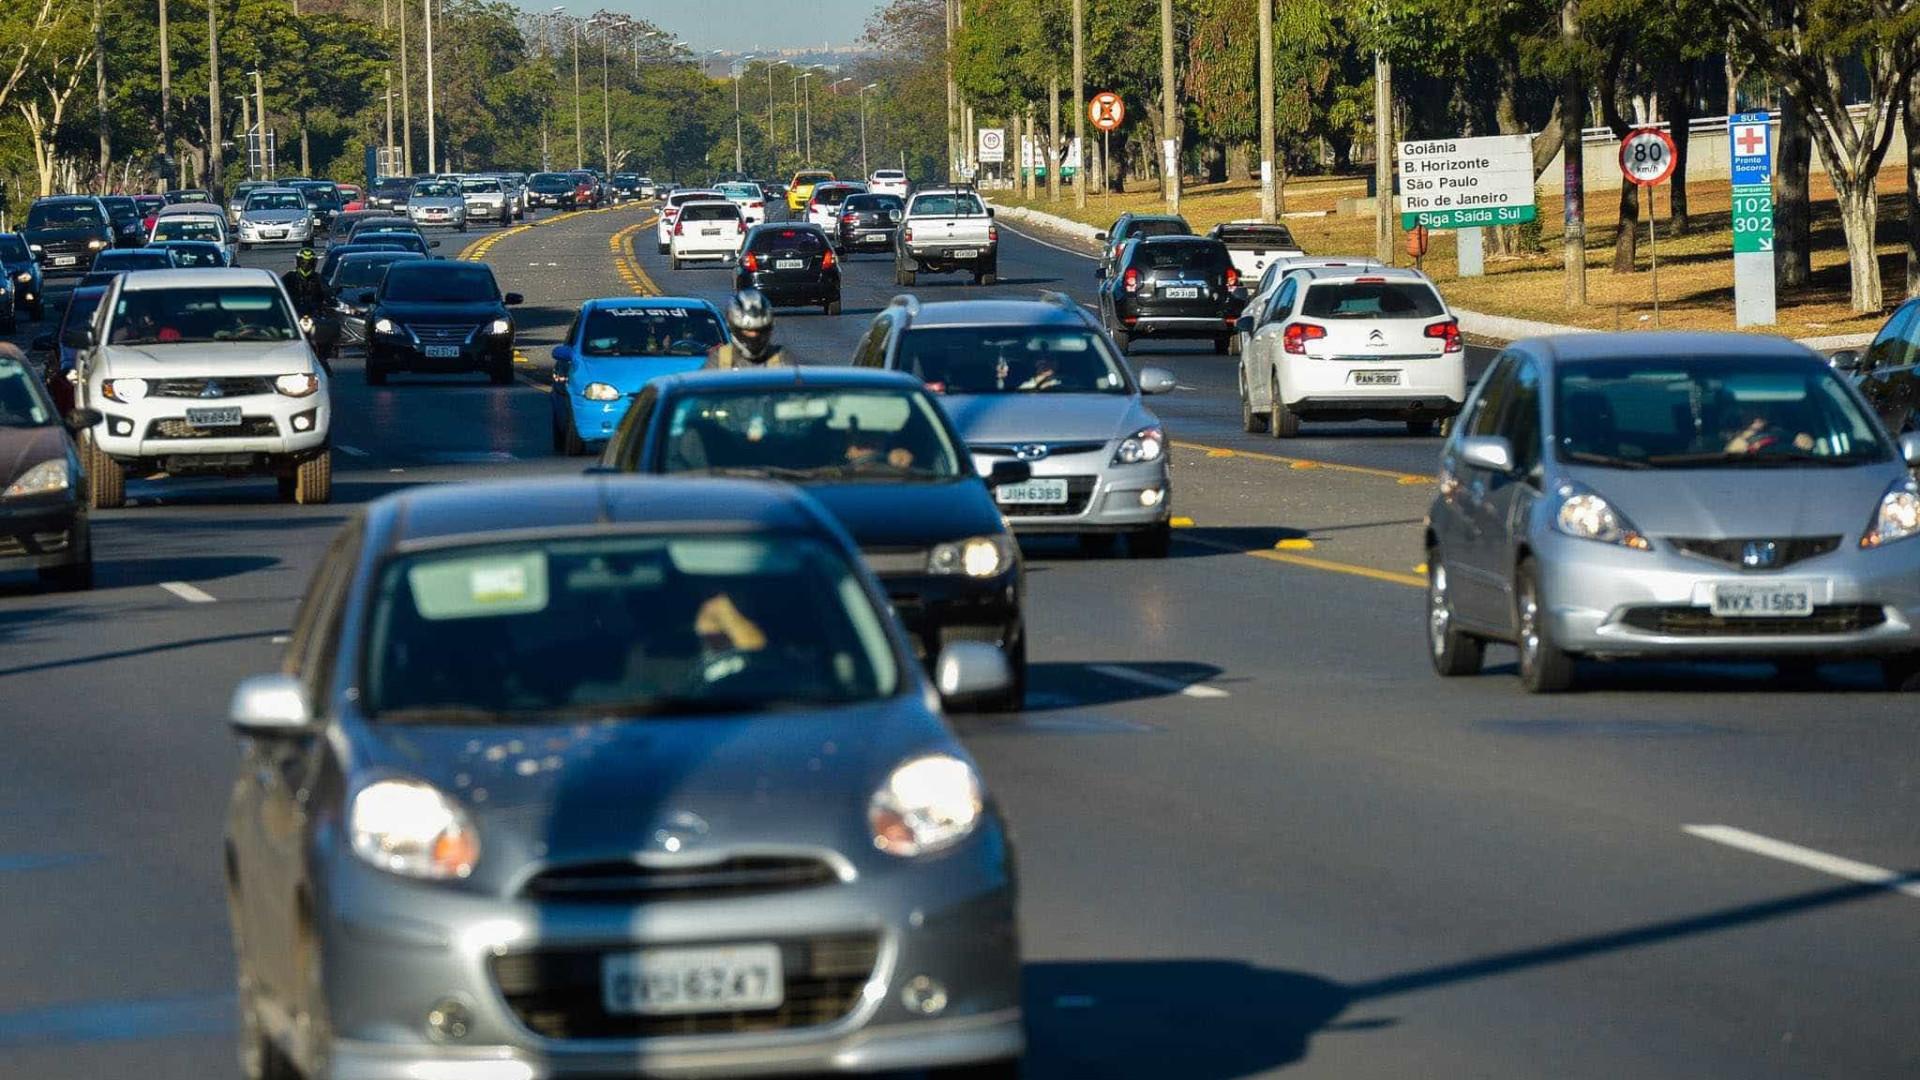 Multas de trânsito ficam mais pesadas a partir de hoje